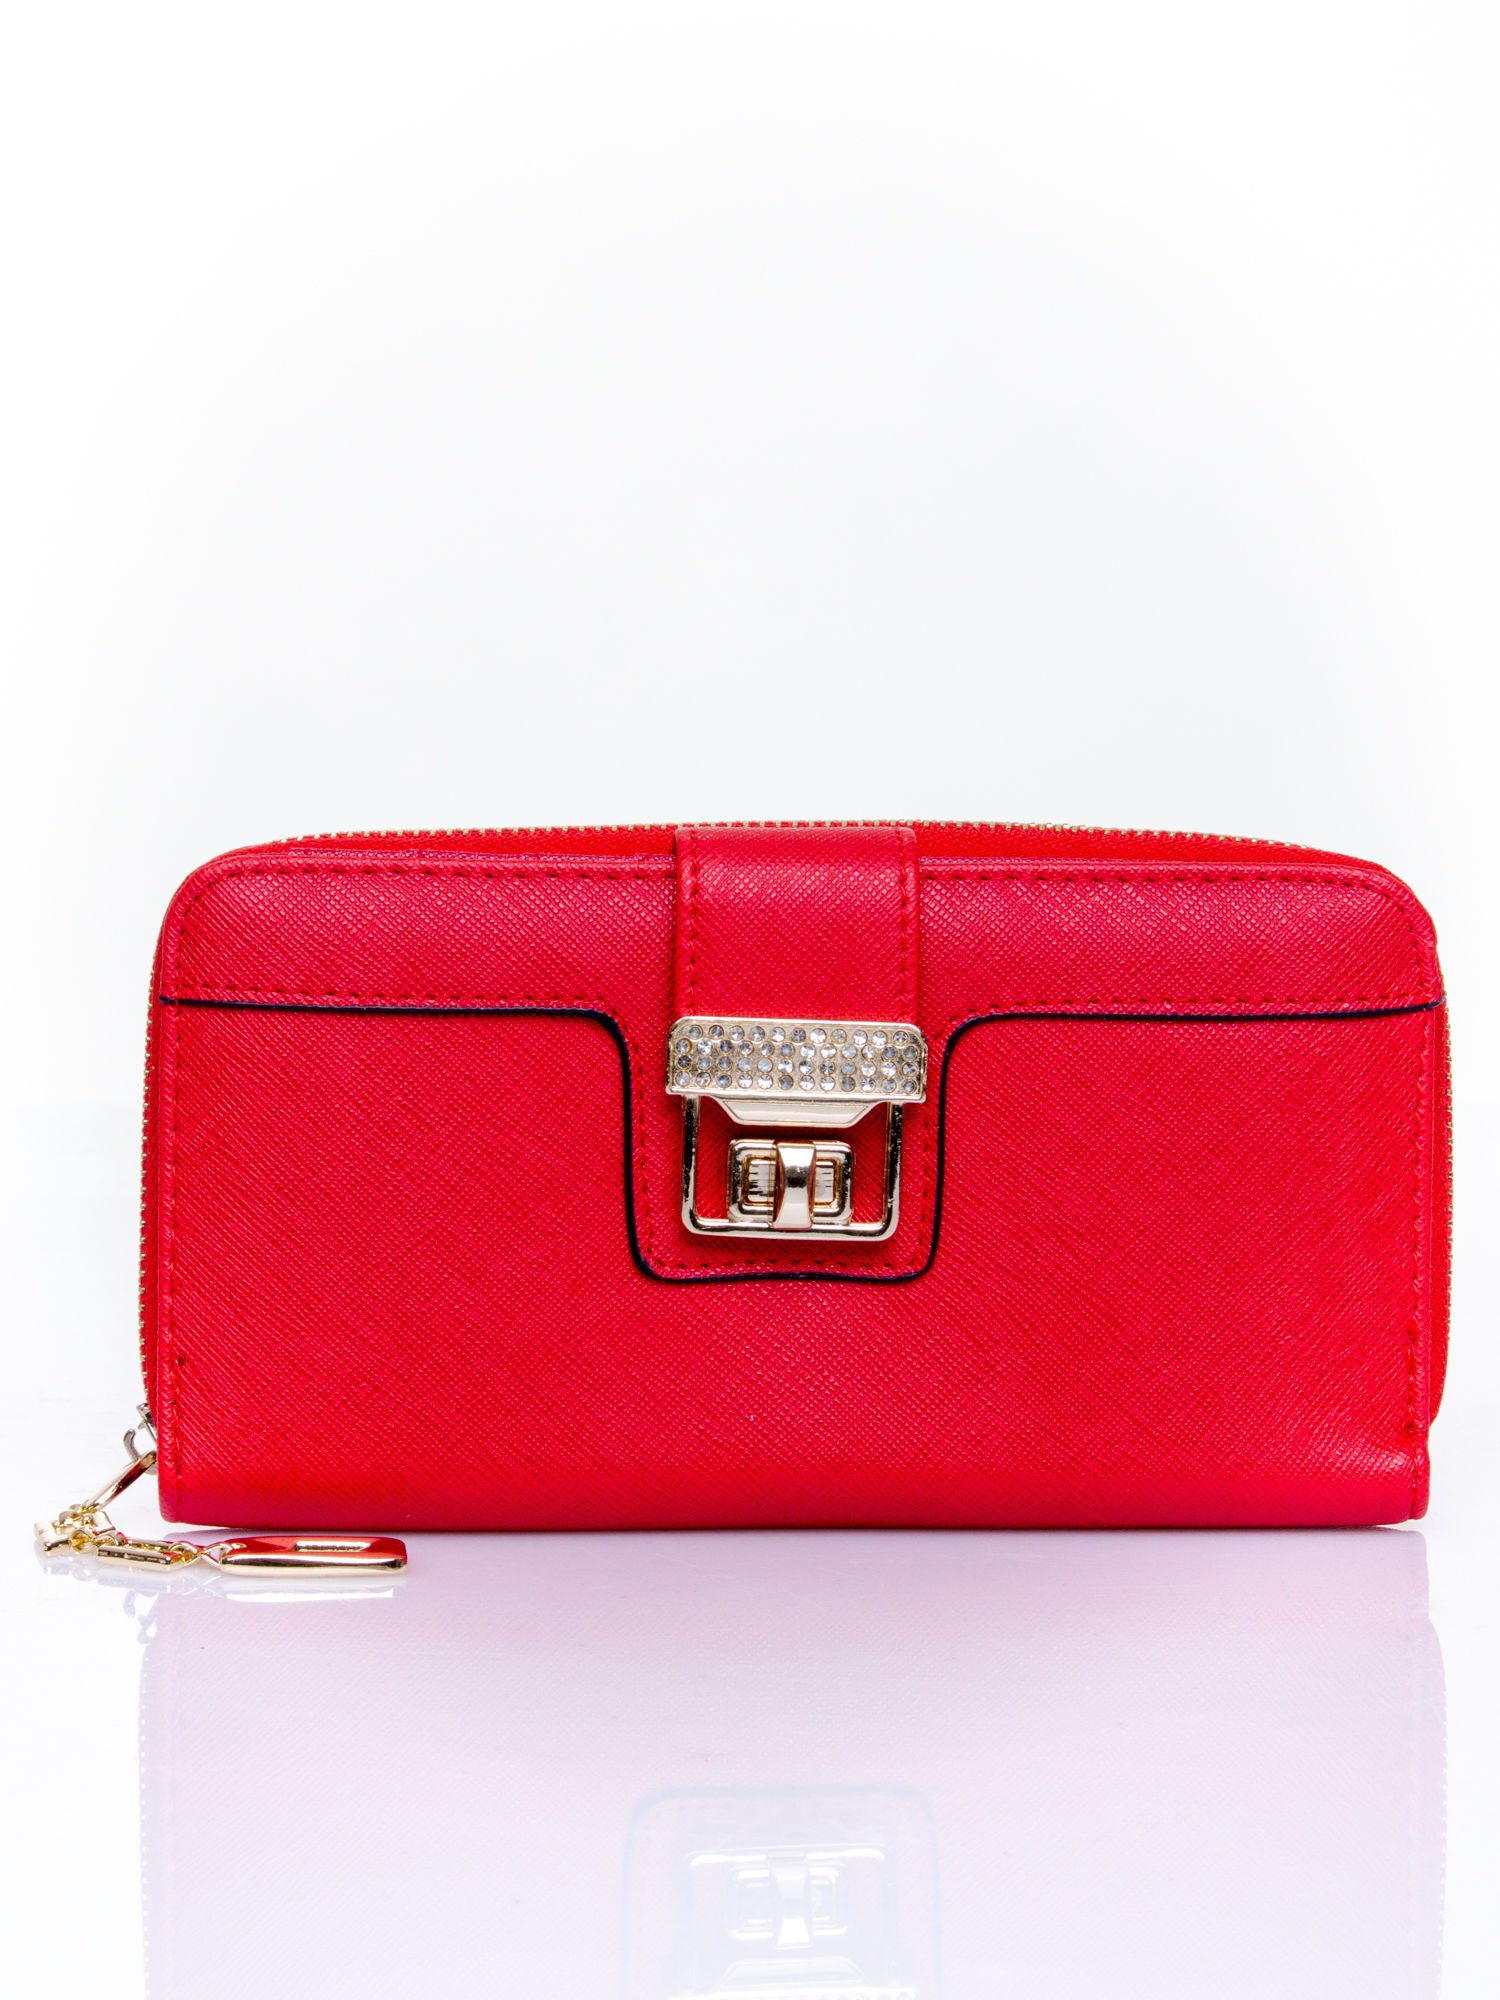 Czerwony portfel z ozdobnym zapięciem i złotym uchwytem                                  zdj.                                  1